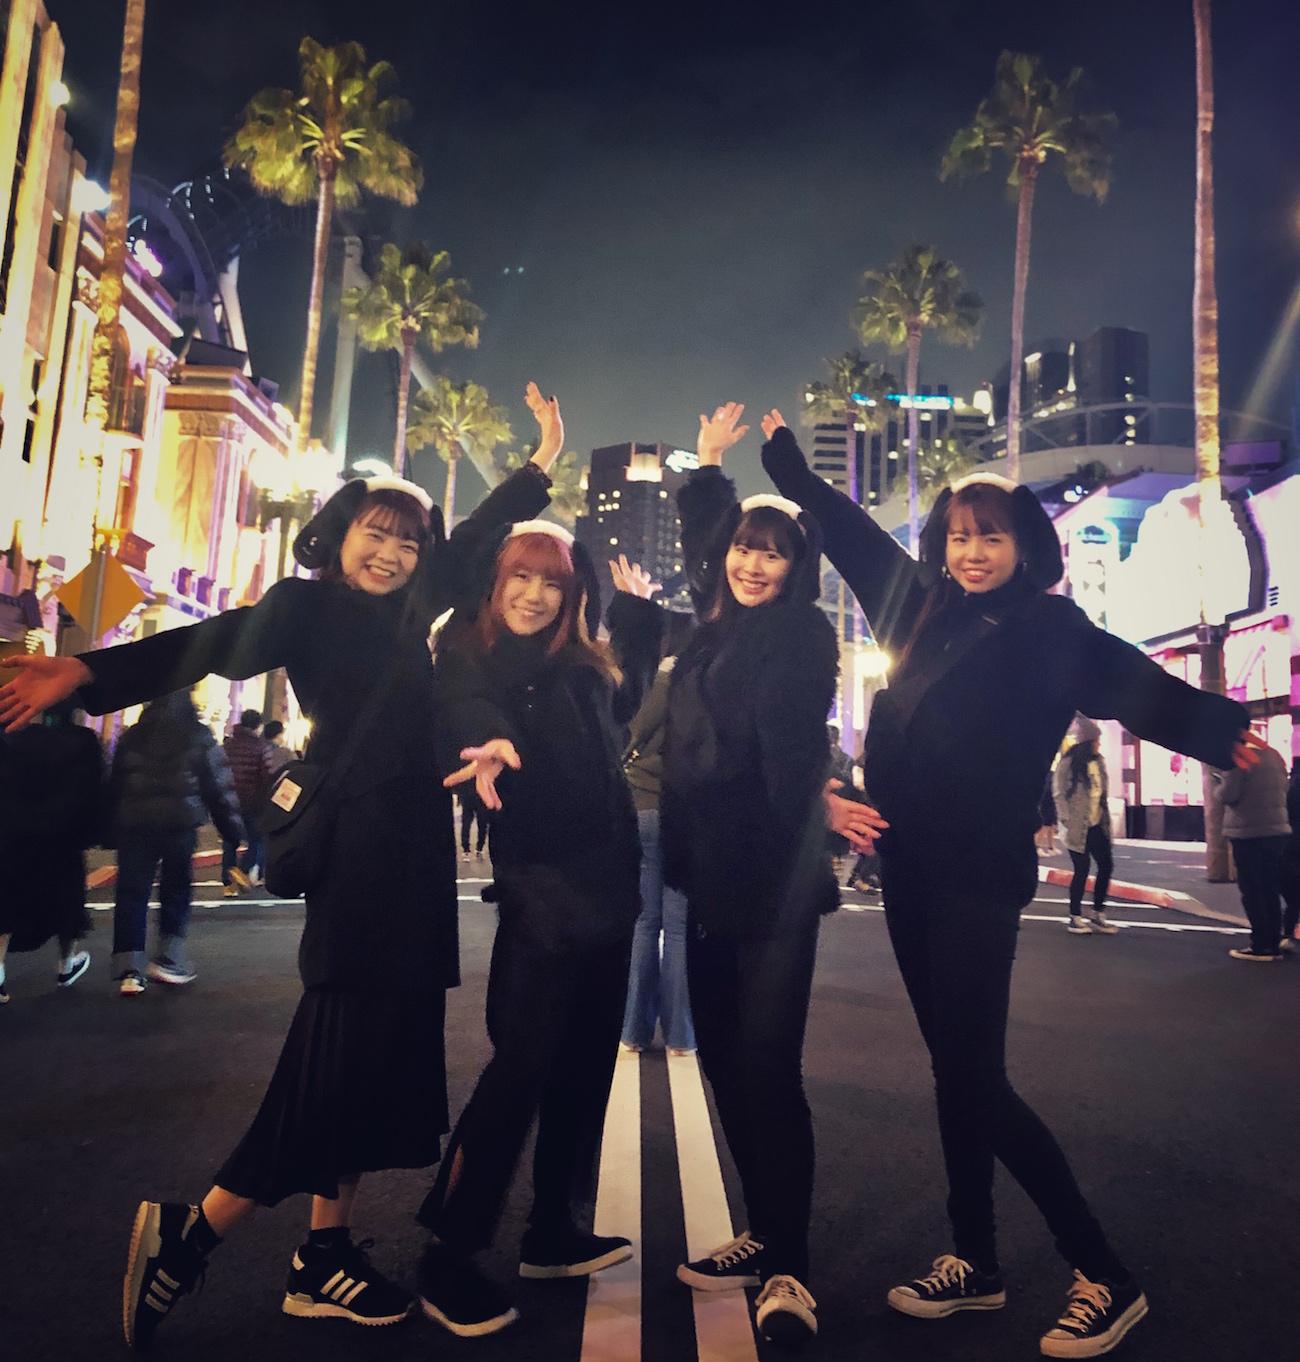 茨城県20代女性、ハリウッド大通りでおソロポーズ (ユニバーサル・スタジオ・ジャパンにて、夜の貸切パークがフォト・スタジオ化)